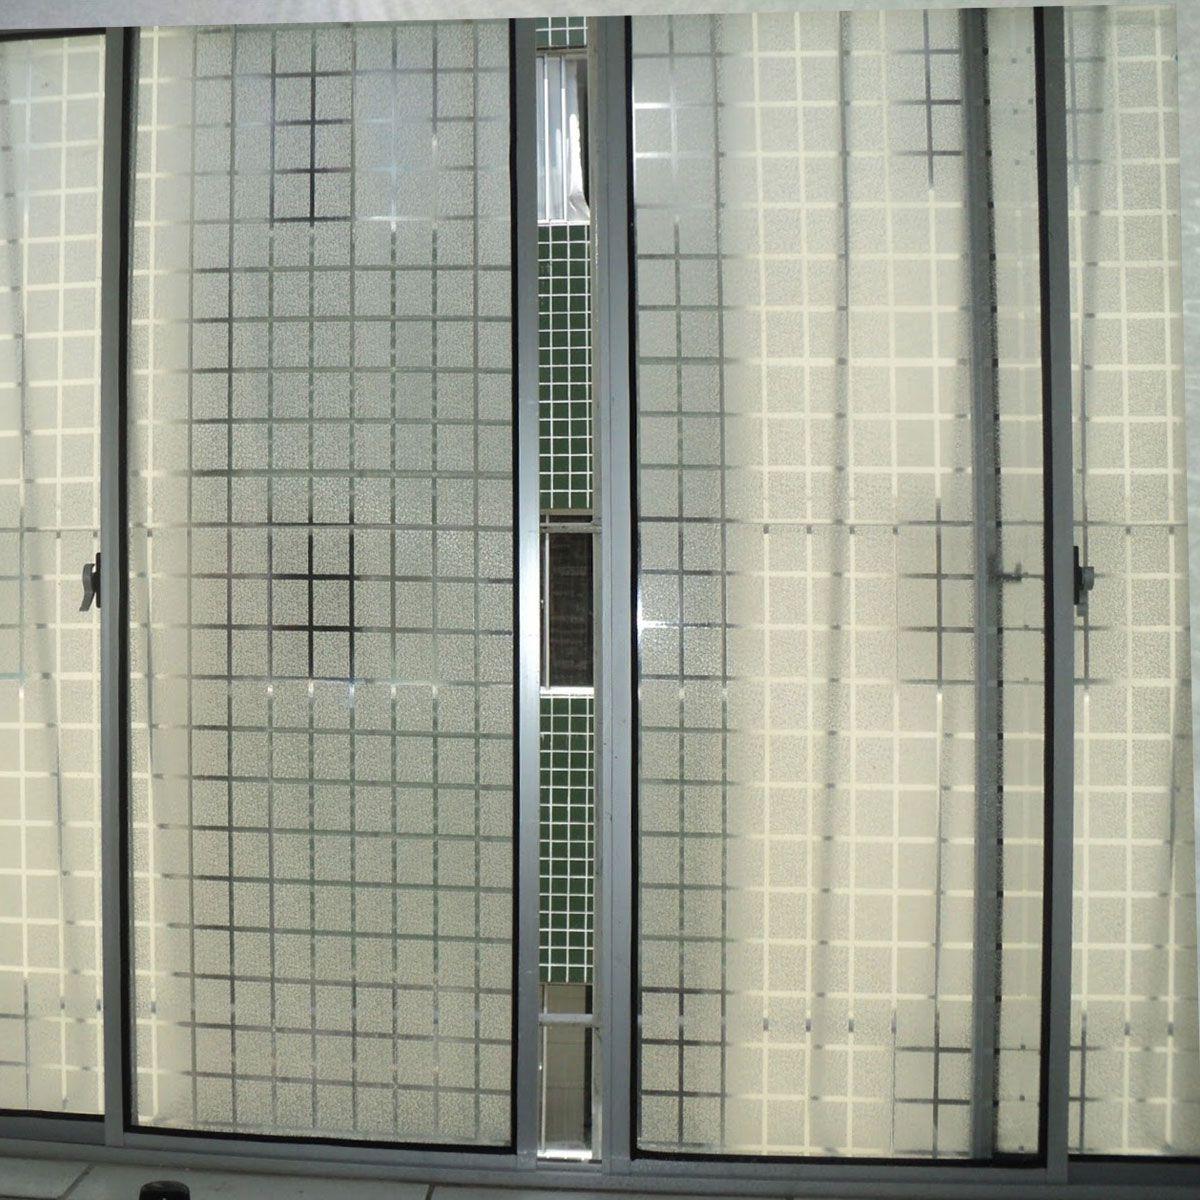 Adesivo Jateado Quadriculado P/ Vidro, Box, Janela e Porta - 100 x 50 cm